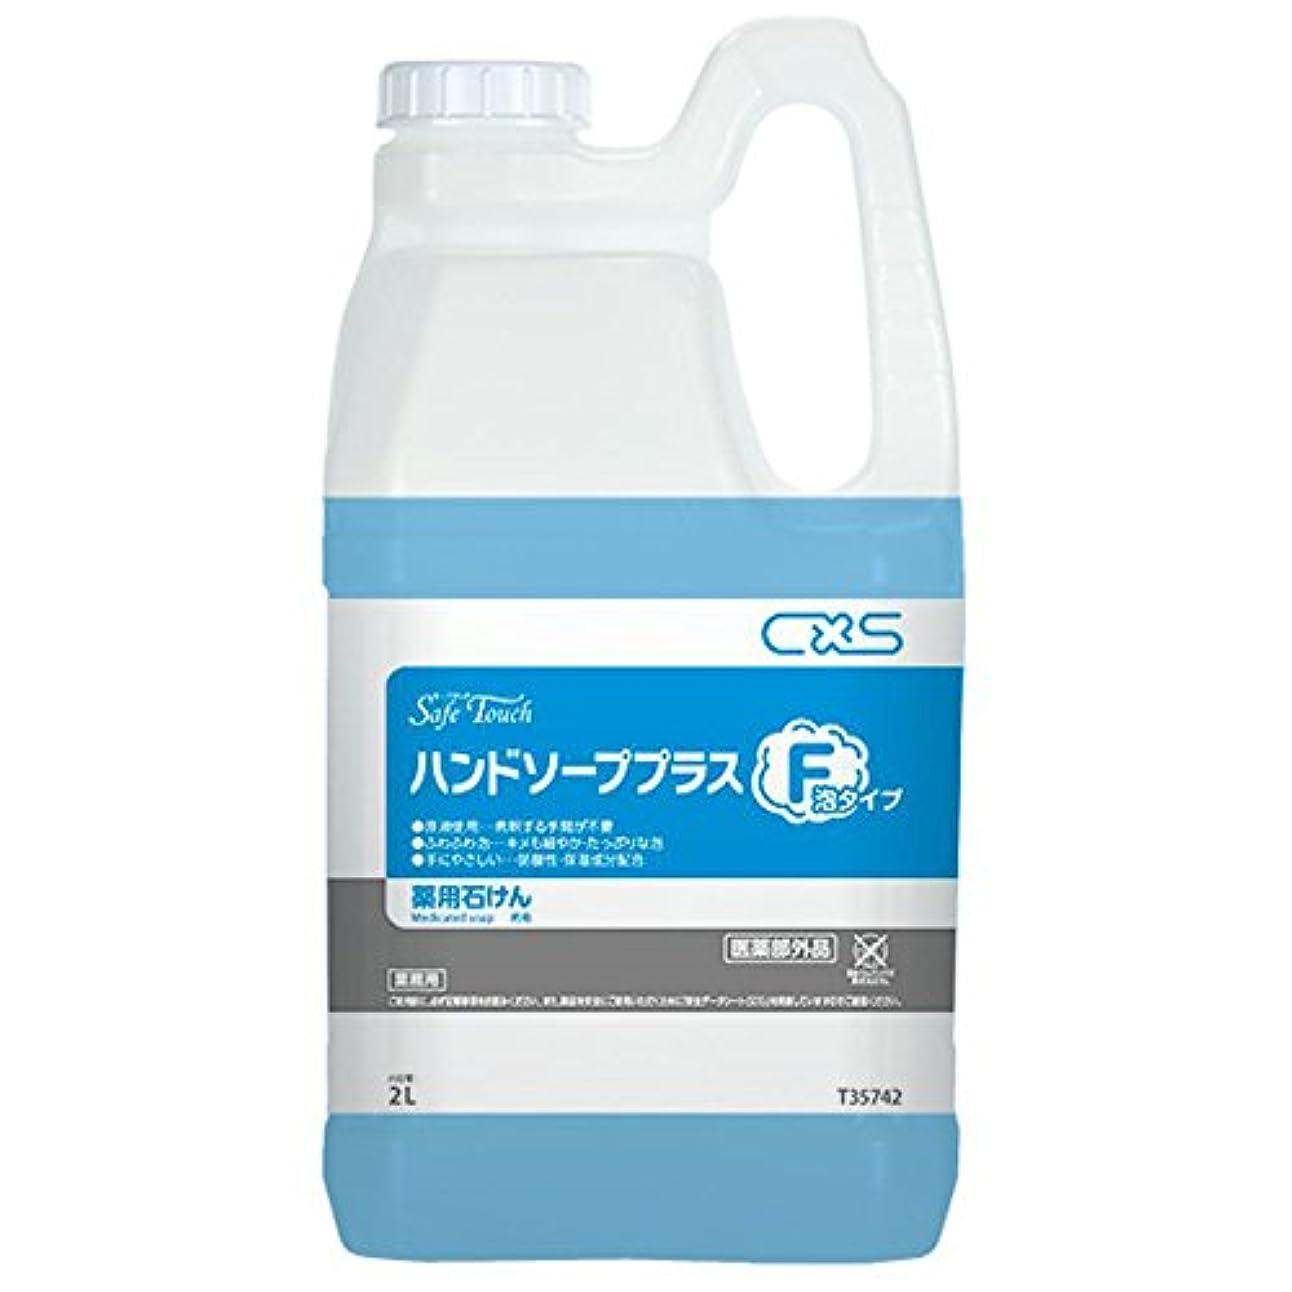 有限グロー実際シーバイエス(C×S) 殺菌?消毒用手洗い石けん セーフタッチハンドソーププラスF 2L